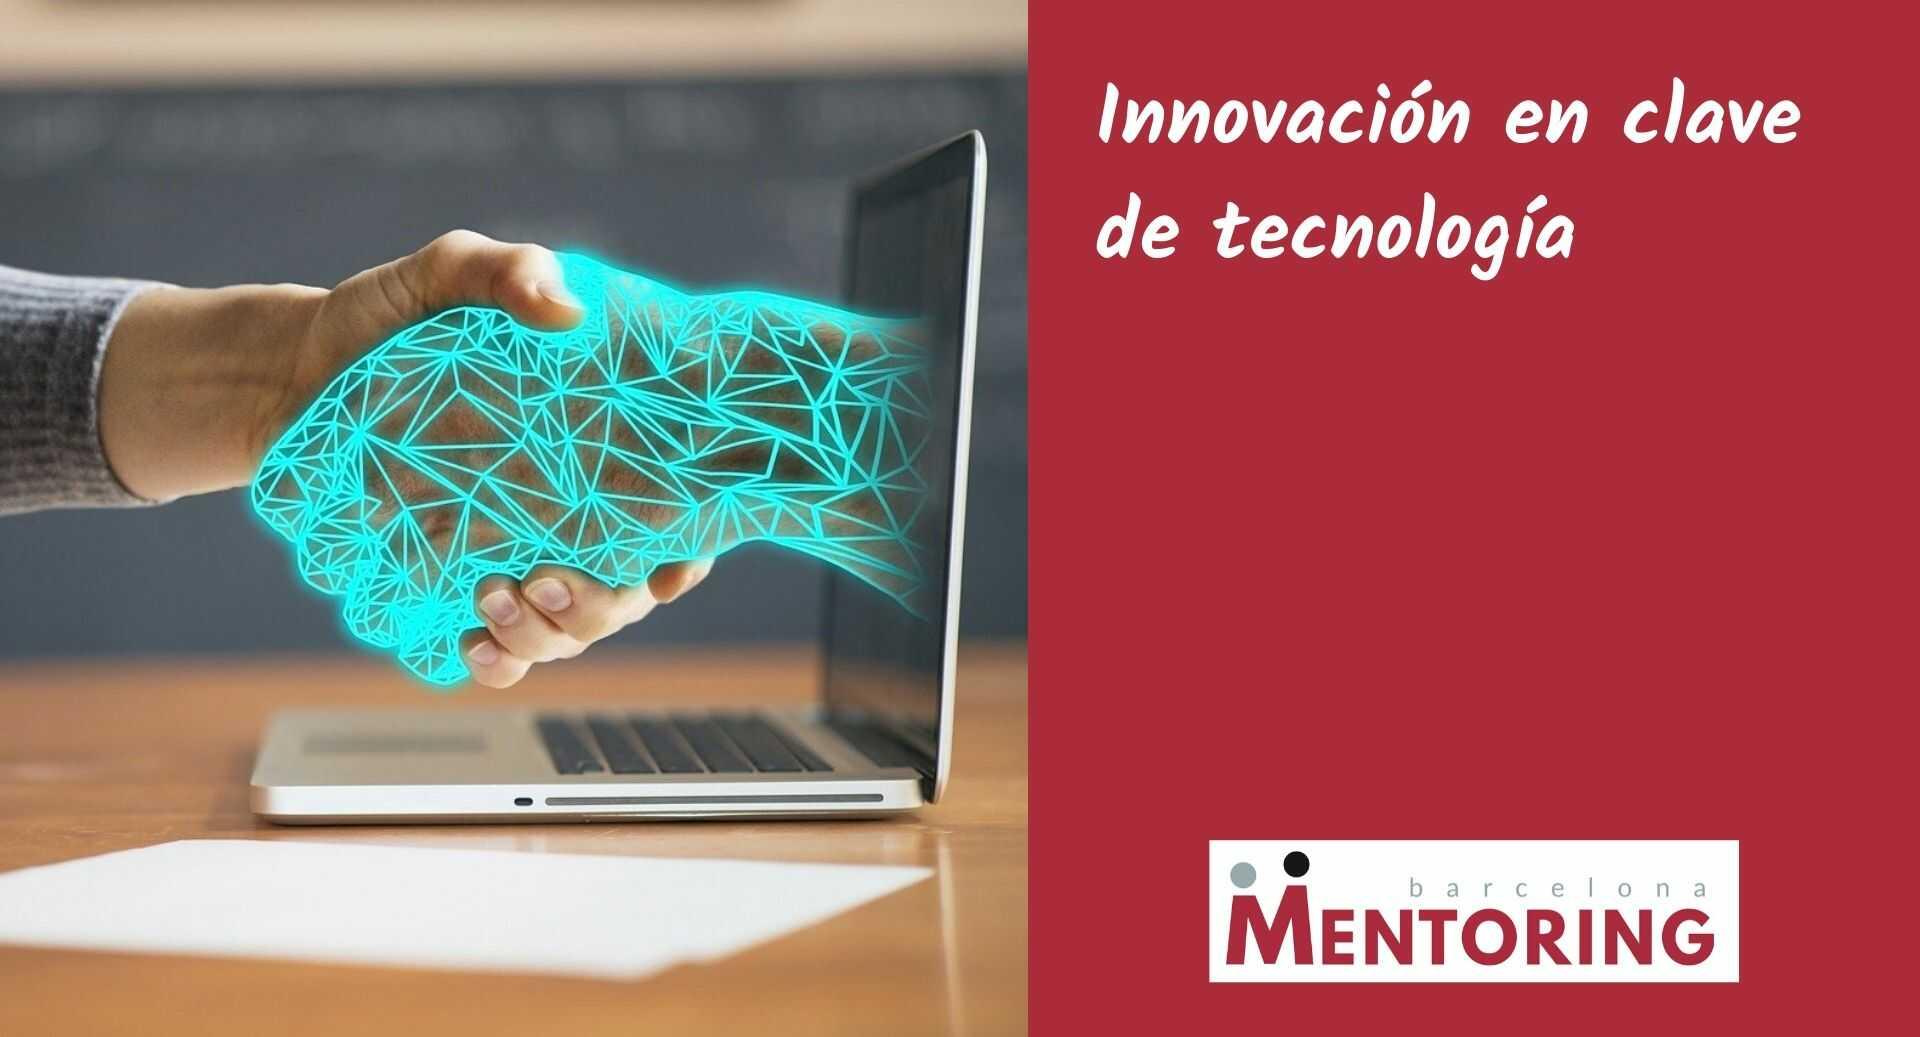 Innovación en clave de tecnología